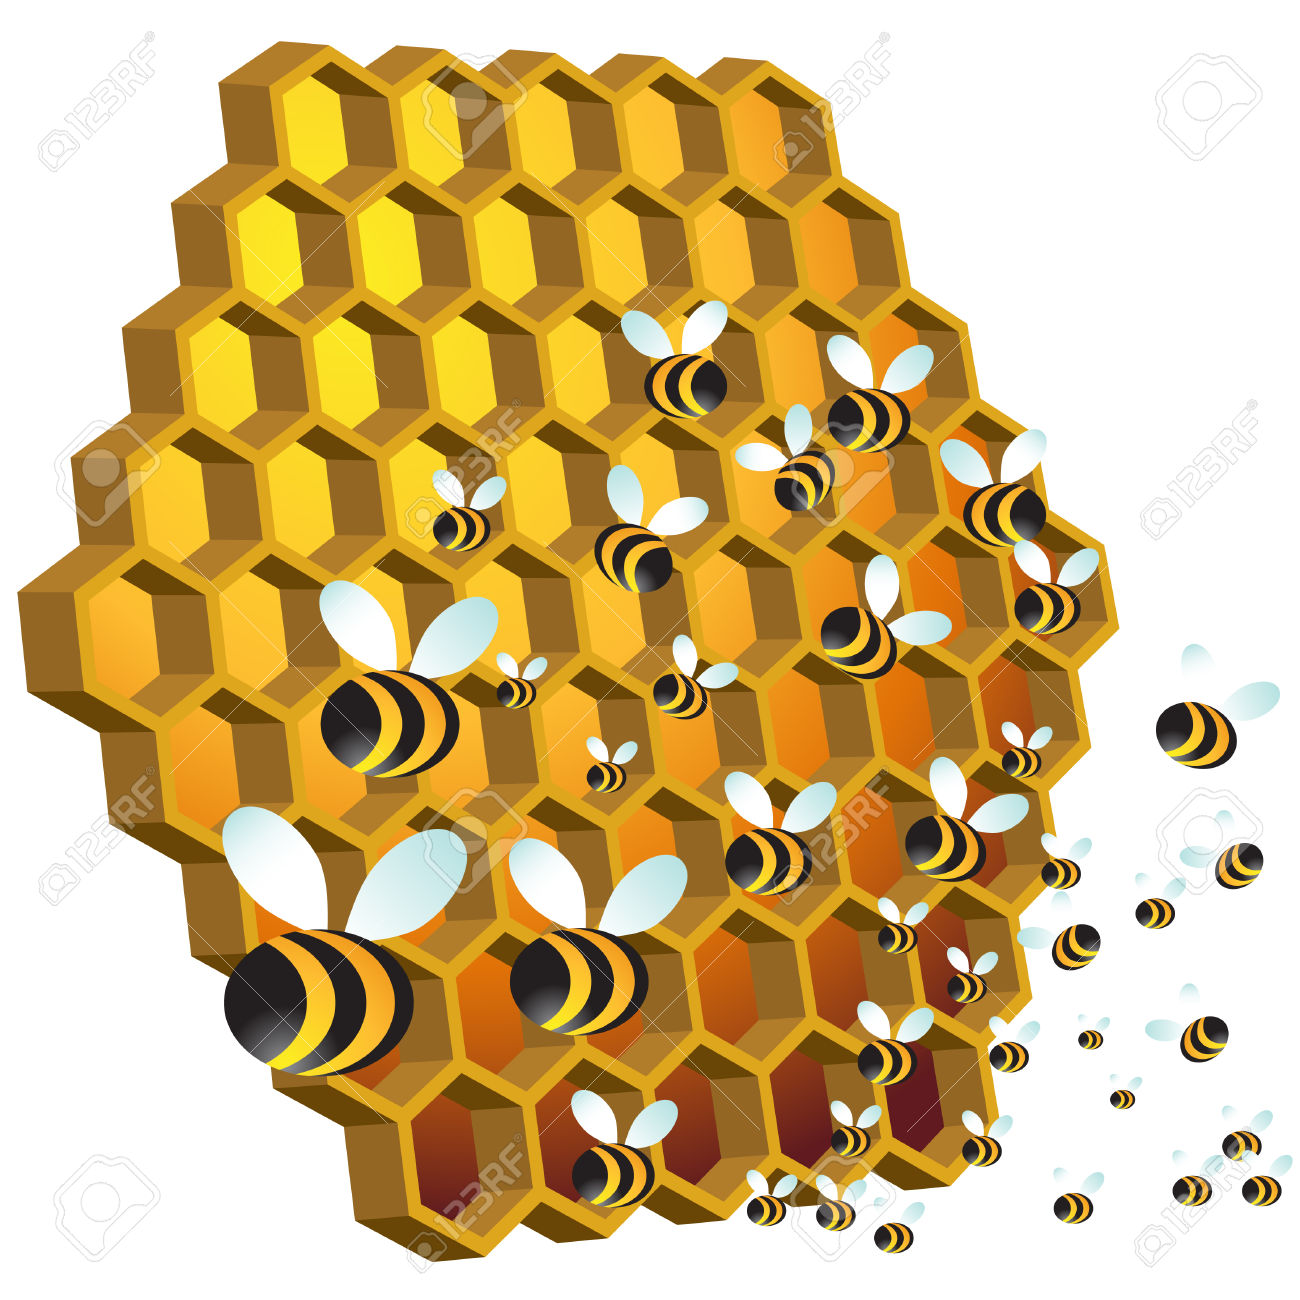 1300x1300 Honey Bee Clipart Honey Bees Bee Honey Hive Pea's Bees